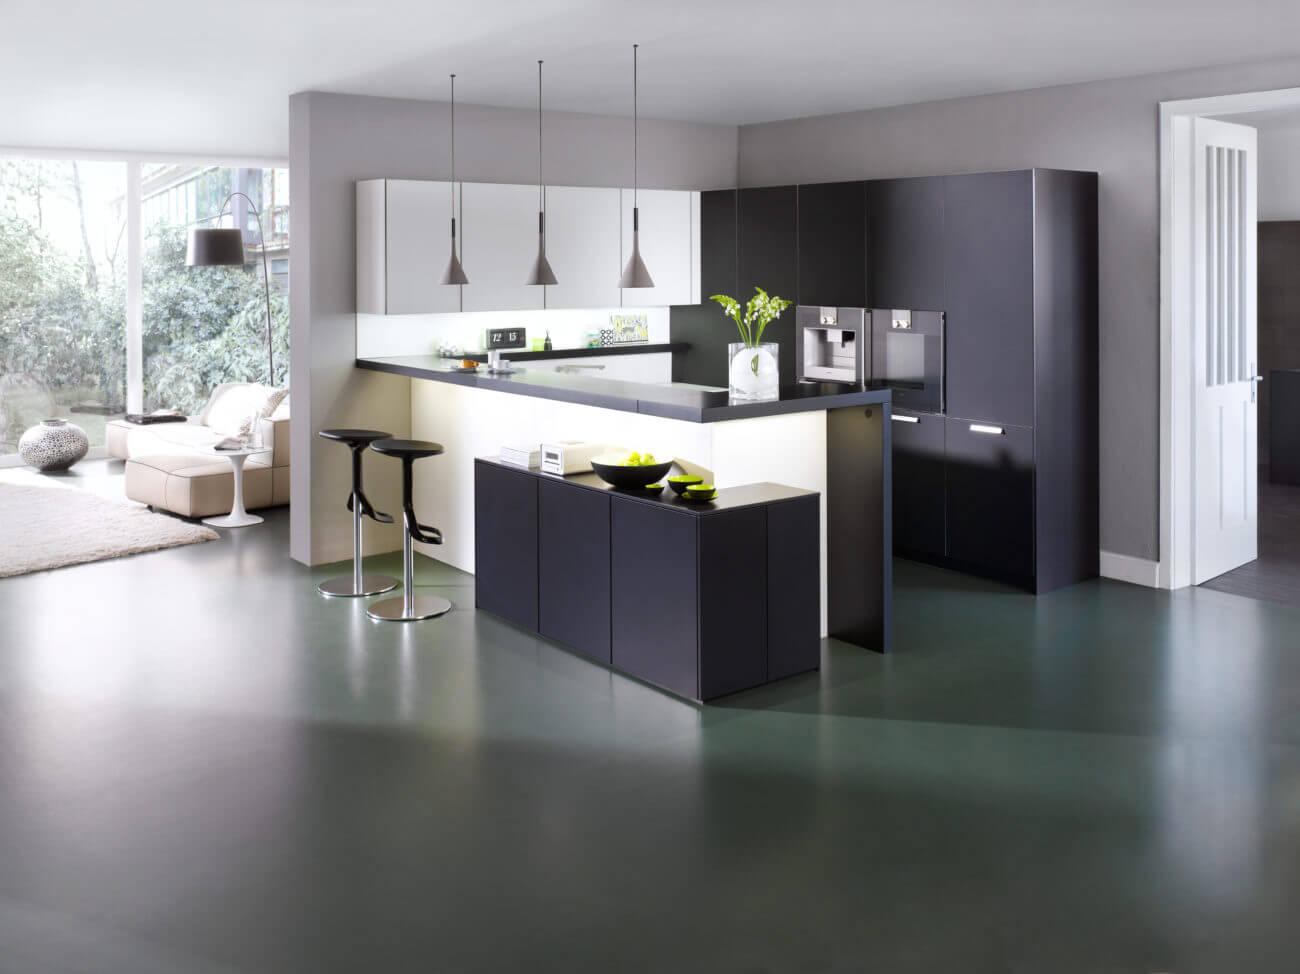 Full Size of Küche U Form Kleiner Raum Grifflose Küche U Form Küche U Form Gebraucht Kaufen Küche U Form Ohne Geräte Küche Küche U Form